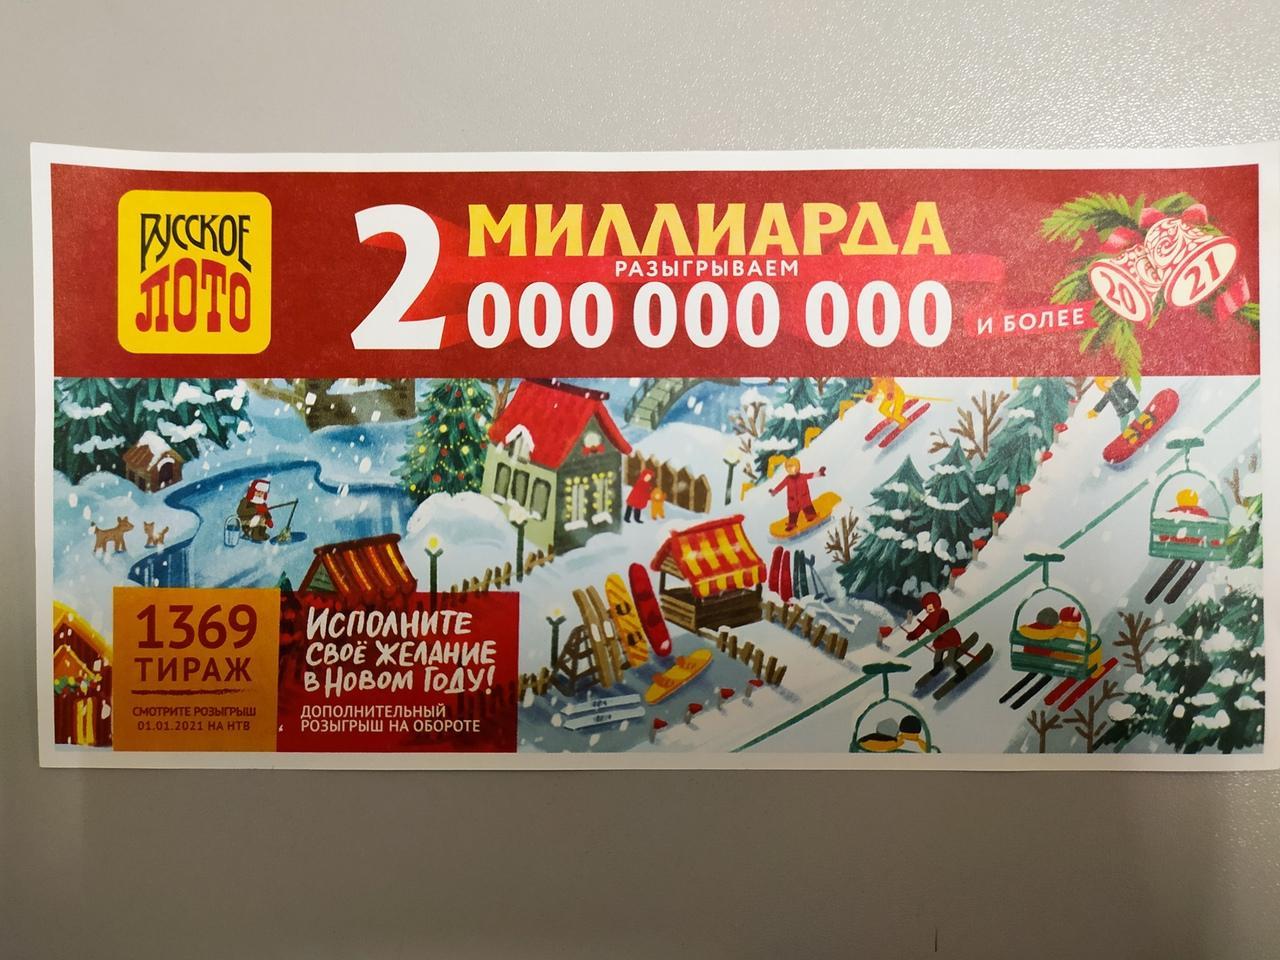 фото «Гонка за миллионом»: новосибирцы ринулись скупать лотерейные билеты с умопомрачительным выигрышем 2